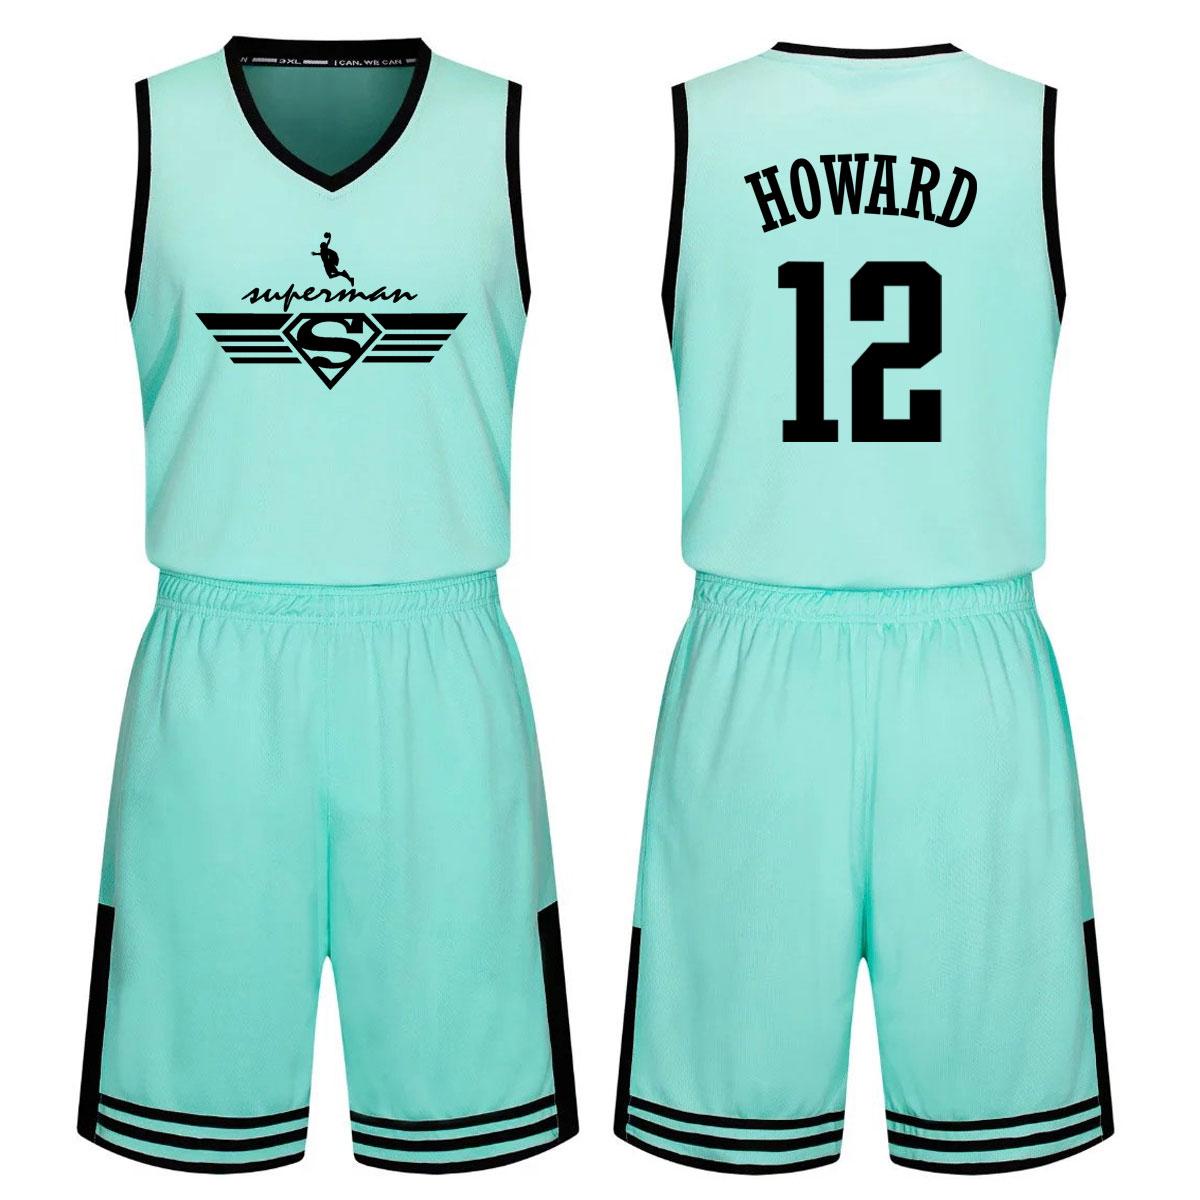 包邮新款个性超人版霍华德球衣青少年儿童团队定制篮球服队服套装